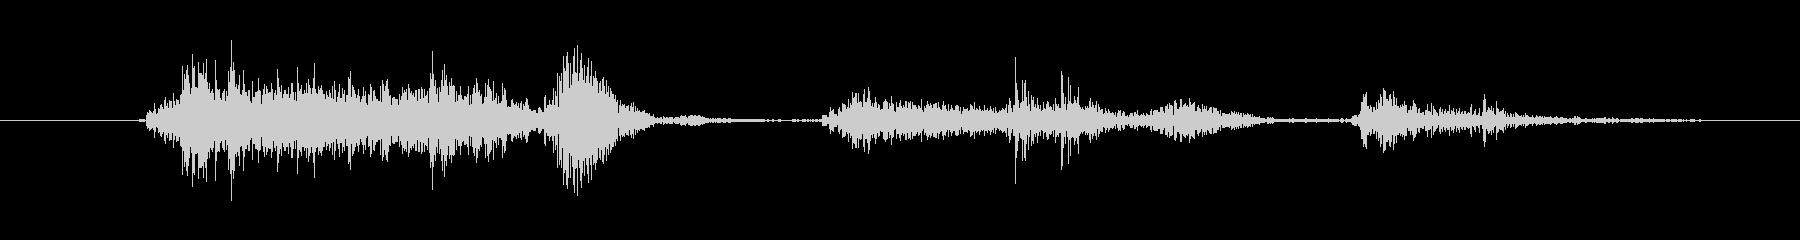 鳴き声 咳女性胸の大きい01の未再生の波形